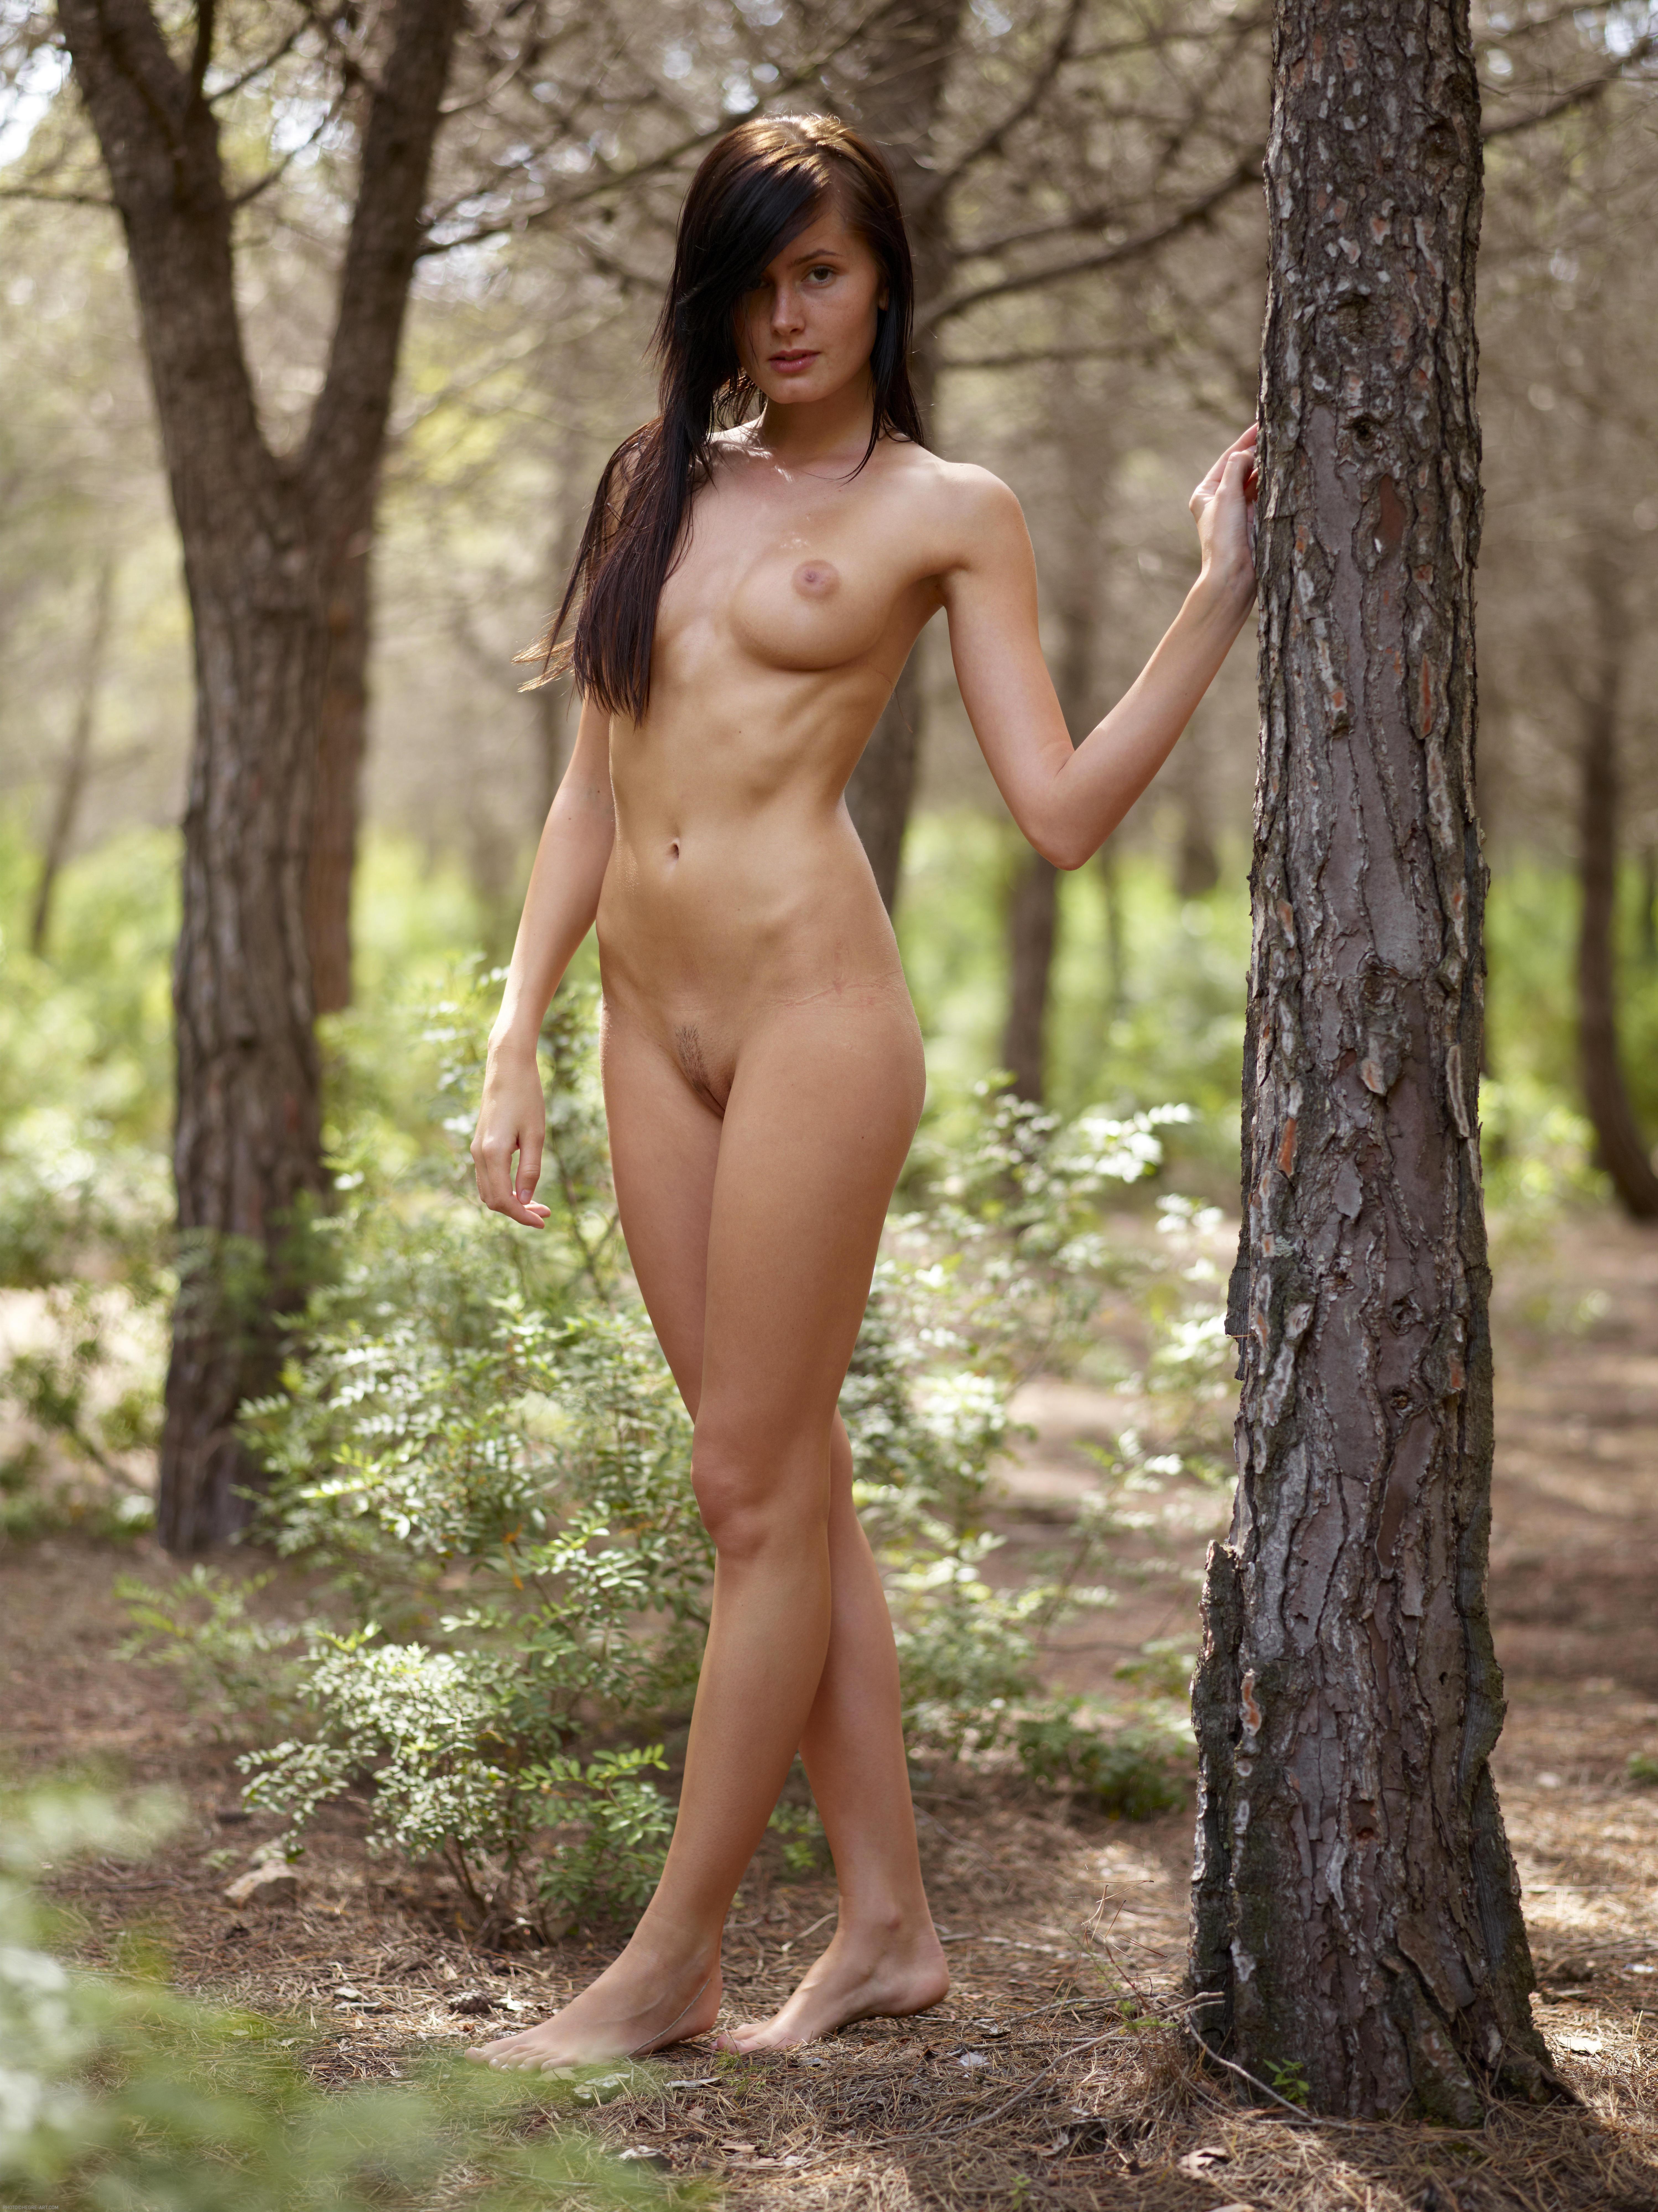 Free gallery nudist sex thumbnail voyeur